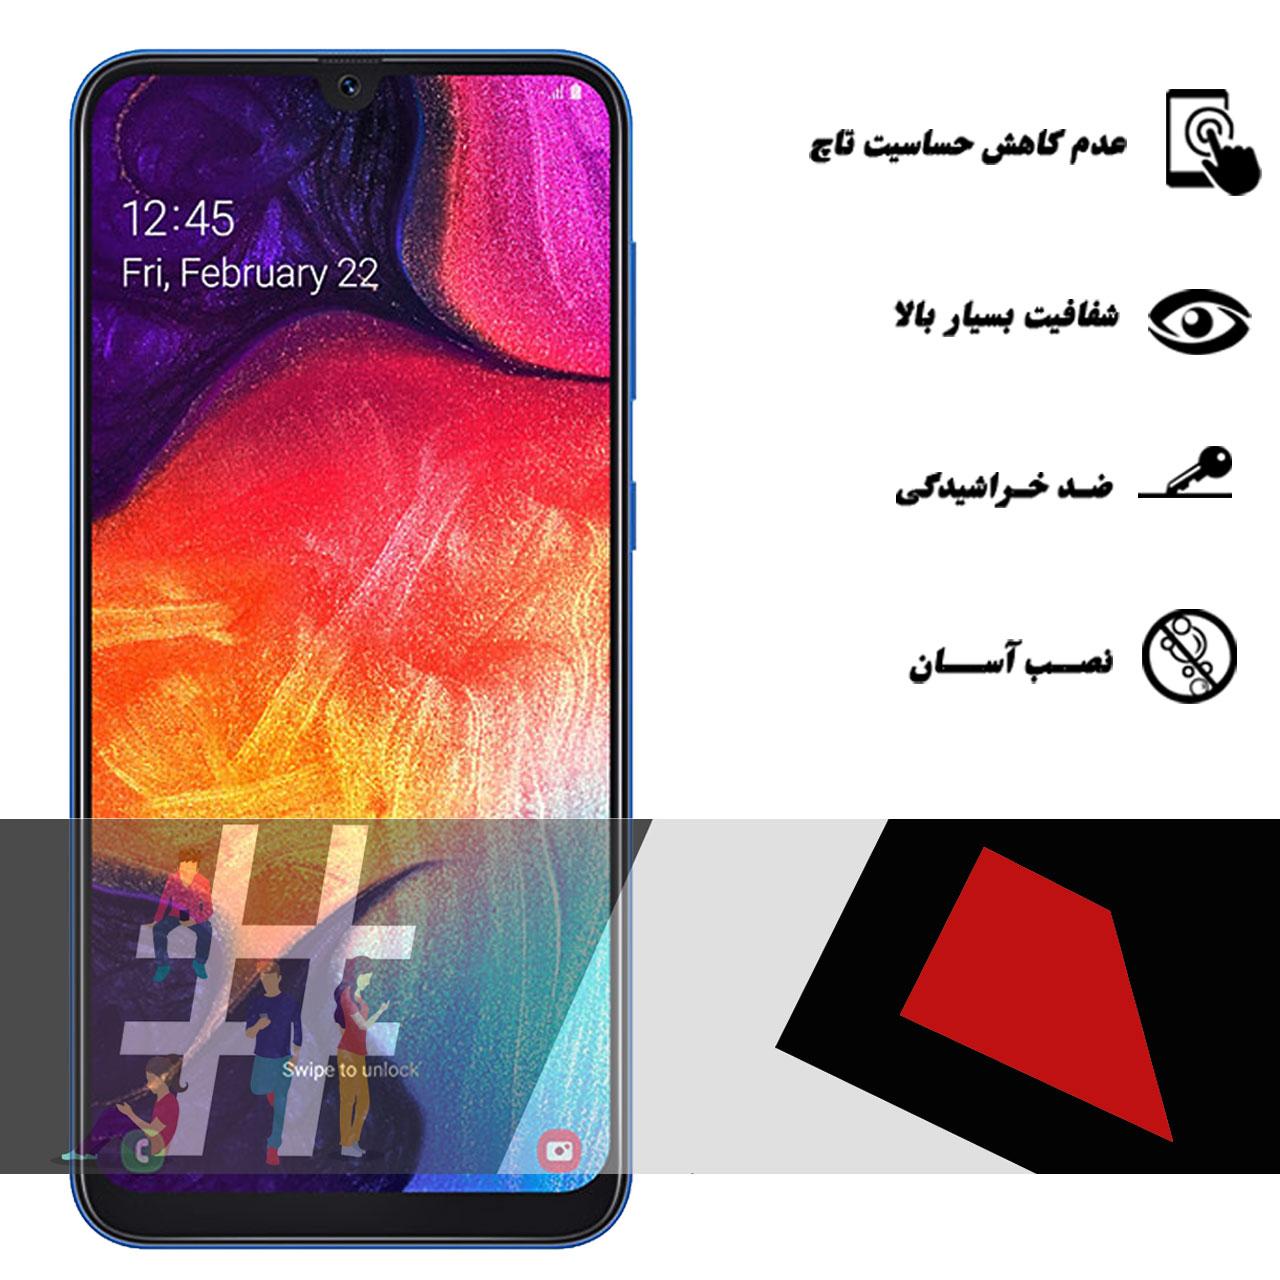 محافظ صفحه نمایش تراستکتور مدل GSS مناسب برای گوشی موبایل سامسونگ Galaxy A50 بسته 5 عددی main 1 6